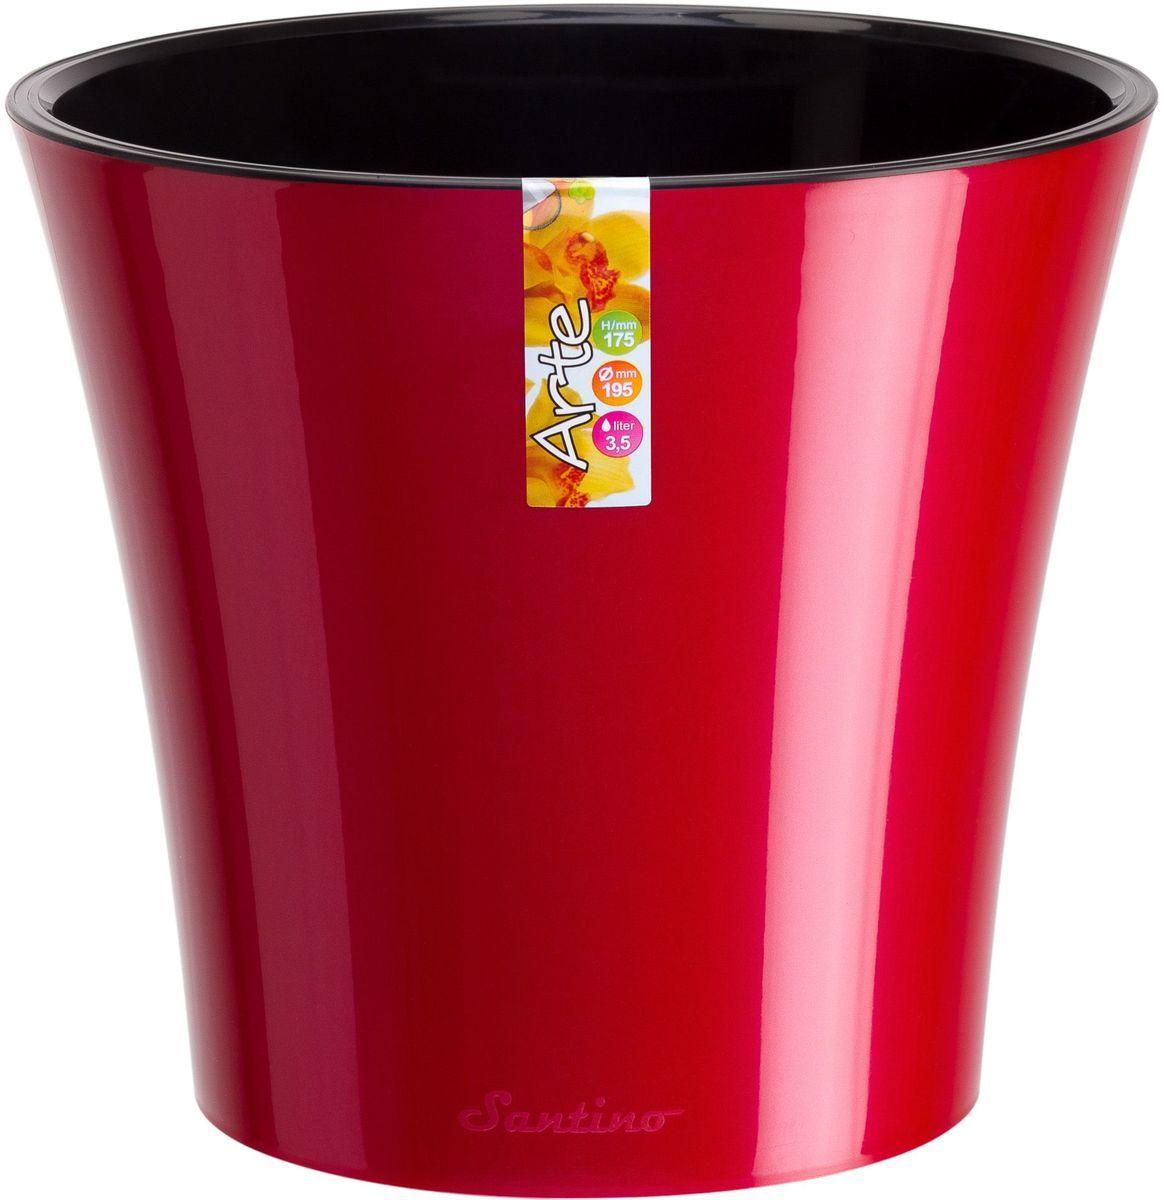 Горшок цветочный Santino Арте, двойной, с системой автополива, цвет: красный, черный, 5 лАРТ 5 К-ЧЛюбой, даже самый современный и продуманный интерьер будет незавершенным без растений. Они не только очищают воздух и насыщают его кислородом, но и украшают окружающее пространство. Такому полезному члену семьи просто необходим красивый и функциональный дом! Оптимальный выбор материала — пластмасса! Почему мы так считаем? Малый вес. С легкостью переносите горшки и кашпо с места на место, ставьте их на столики или полки, не беспокоясь о нагрузке. Простота ухода. Кашпо не нуждается в специальных условиях хранения. Его легко чистить — достаточно просто сполоснуть теплой водой. Никаких потертостей. Такие кашпо не царапают и не загрязняют поверхности, на которых стоят. Пластик дольше хранит влагу, а значит, растение реже нуждается в поливе. Пластмасса не пропускает воздух — корневой системе растения не грозят резкие перепады температур. Огромный выбор форм, декора и расцветок — вы без труда найдете что-то, что идеально впишется в уже существующий интерьер. Соблюдая нехитрые правила ухода, вы можете заметно продлить срок службы горшков и кашпо из пластика: всегда учитывайте размер кроны и корневой системы (при разрастании большое растение способно повредить маленький горшок) берегите изделие от воздействия прямых солнечных лучей, чтобы горшки не выцветали держите кашпо из пластика подальше от нагревающихся поверхностей. Создавайте прекрасные цветочные композиции, выращивайте рассаду или необычные растения.